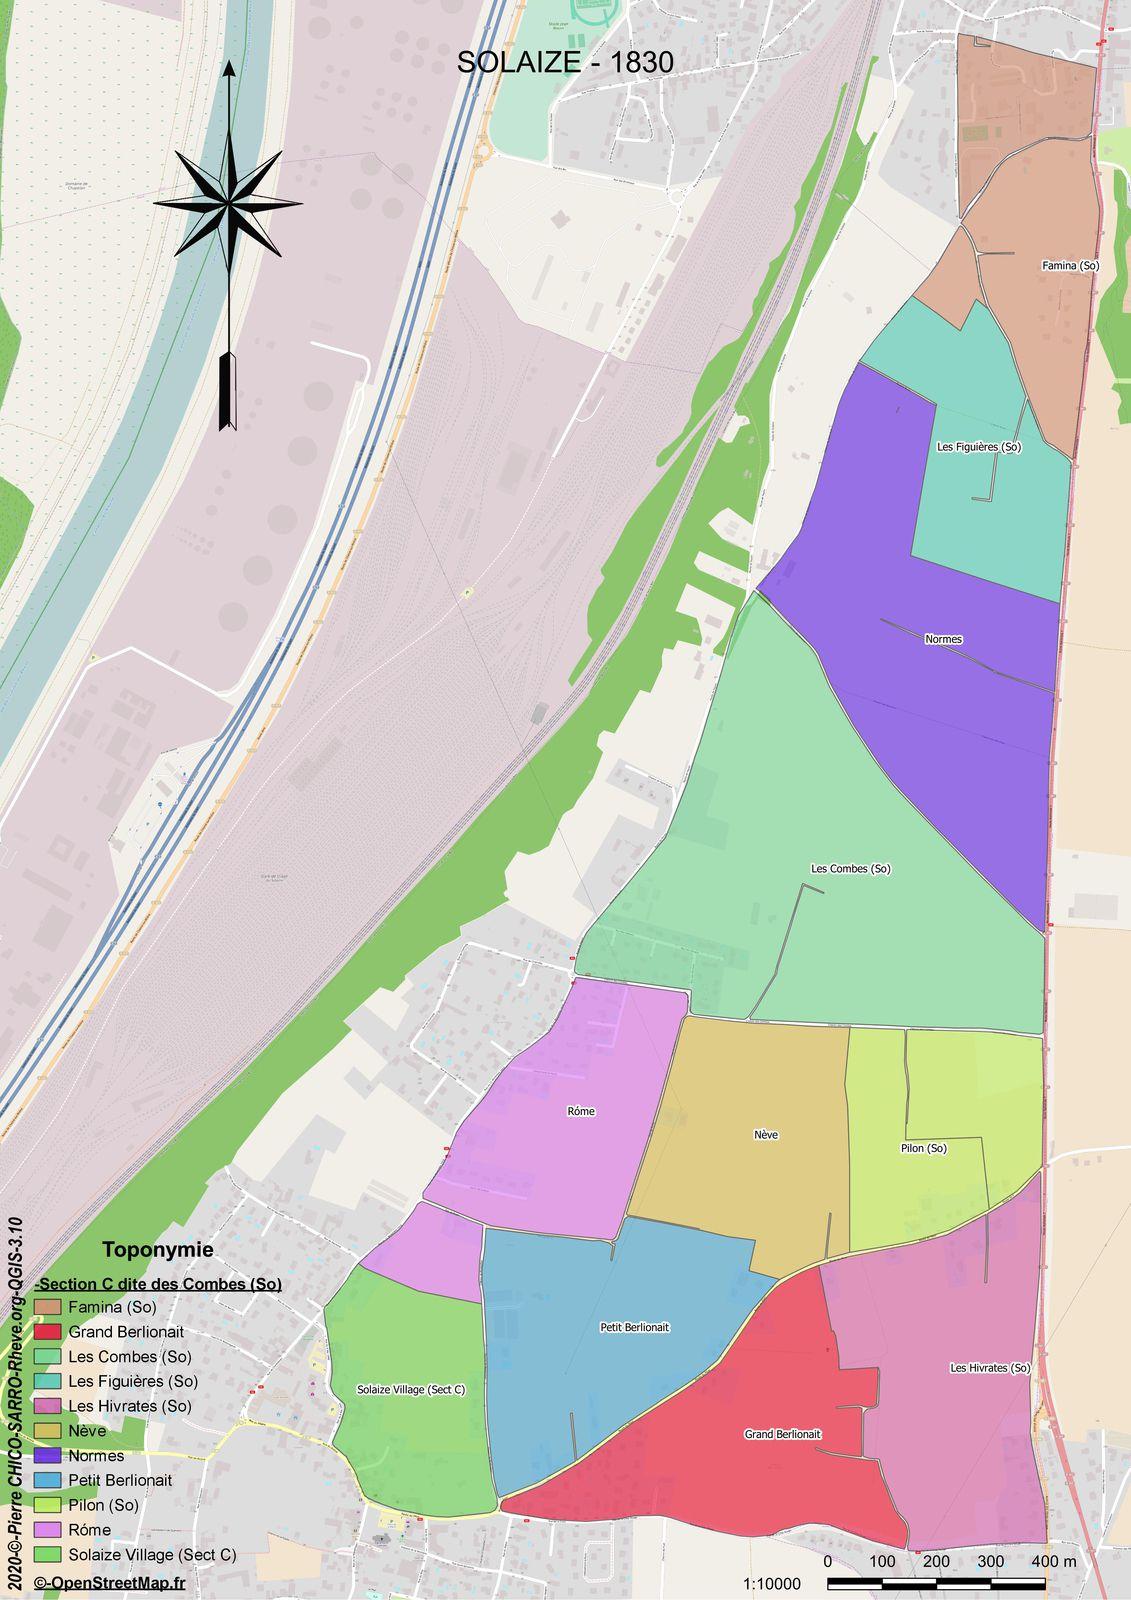 Distribution des toponymes dans la section C dite des Combes à Solaize en 1830